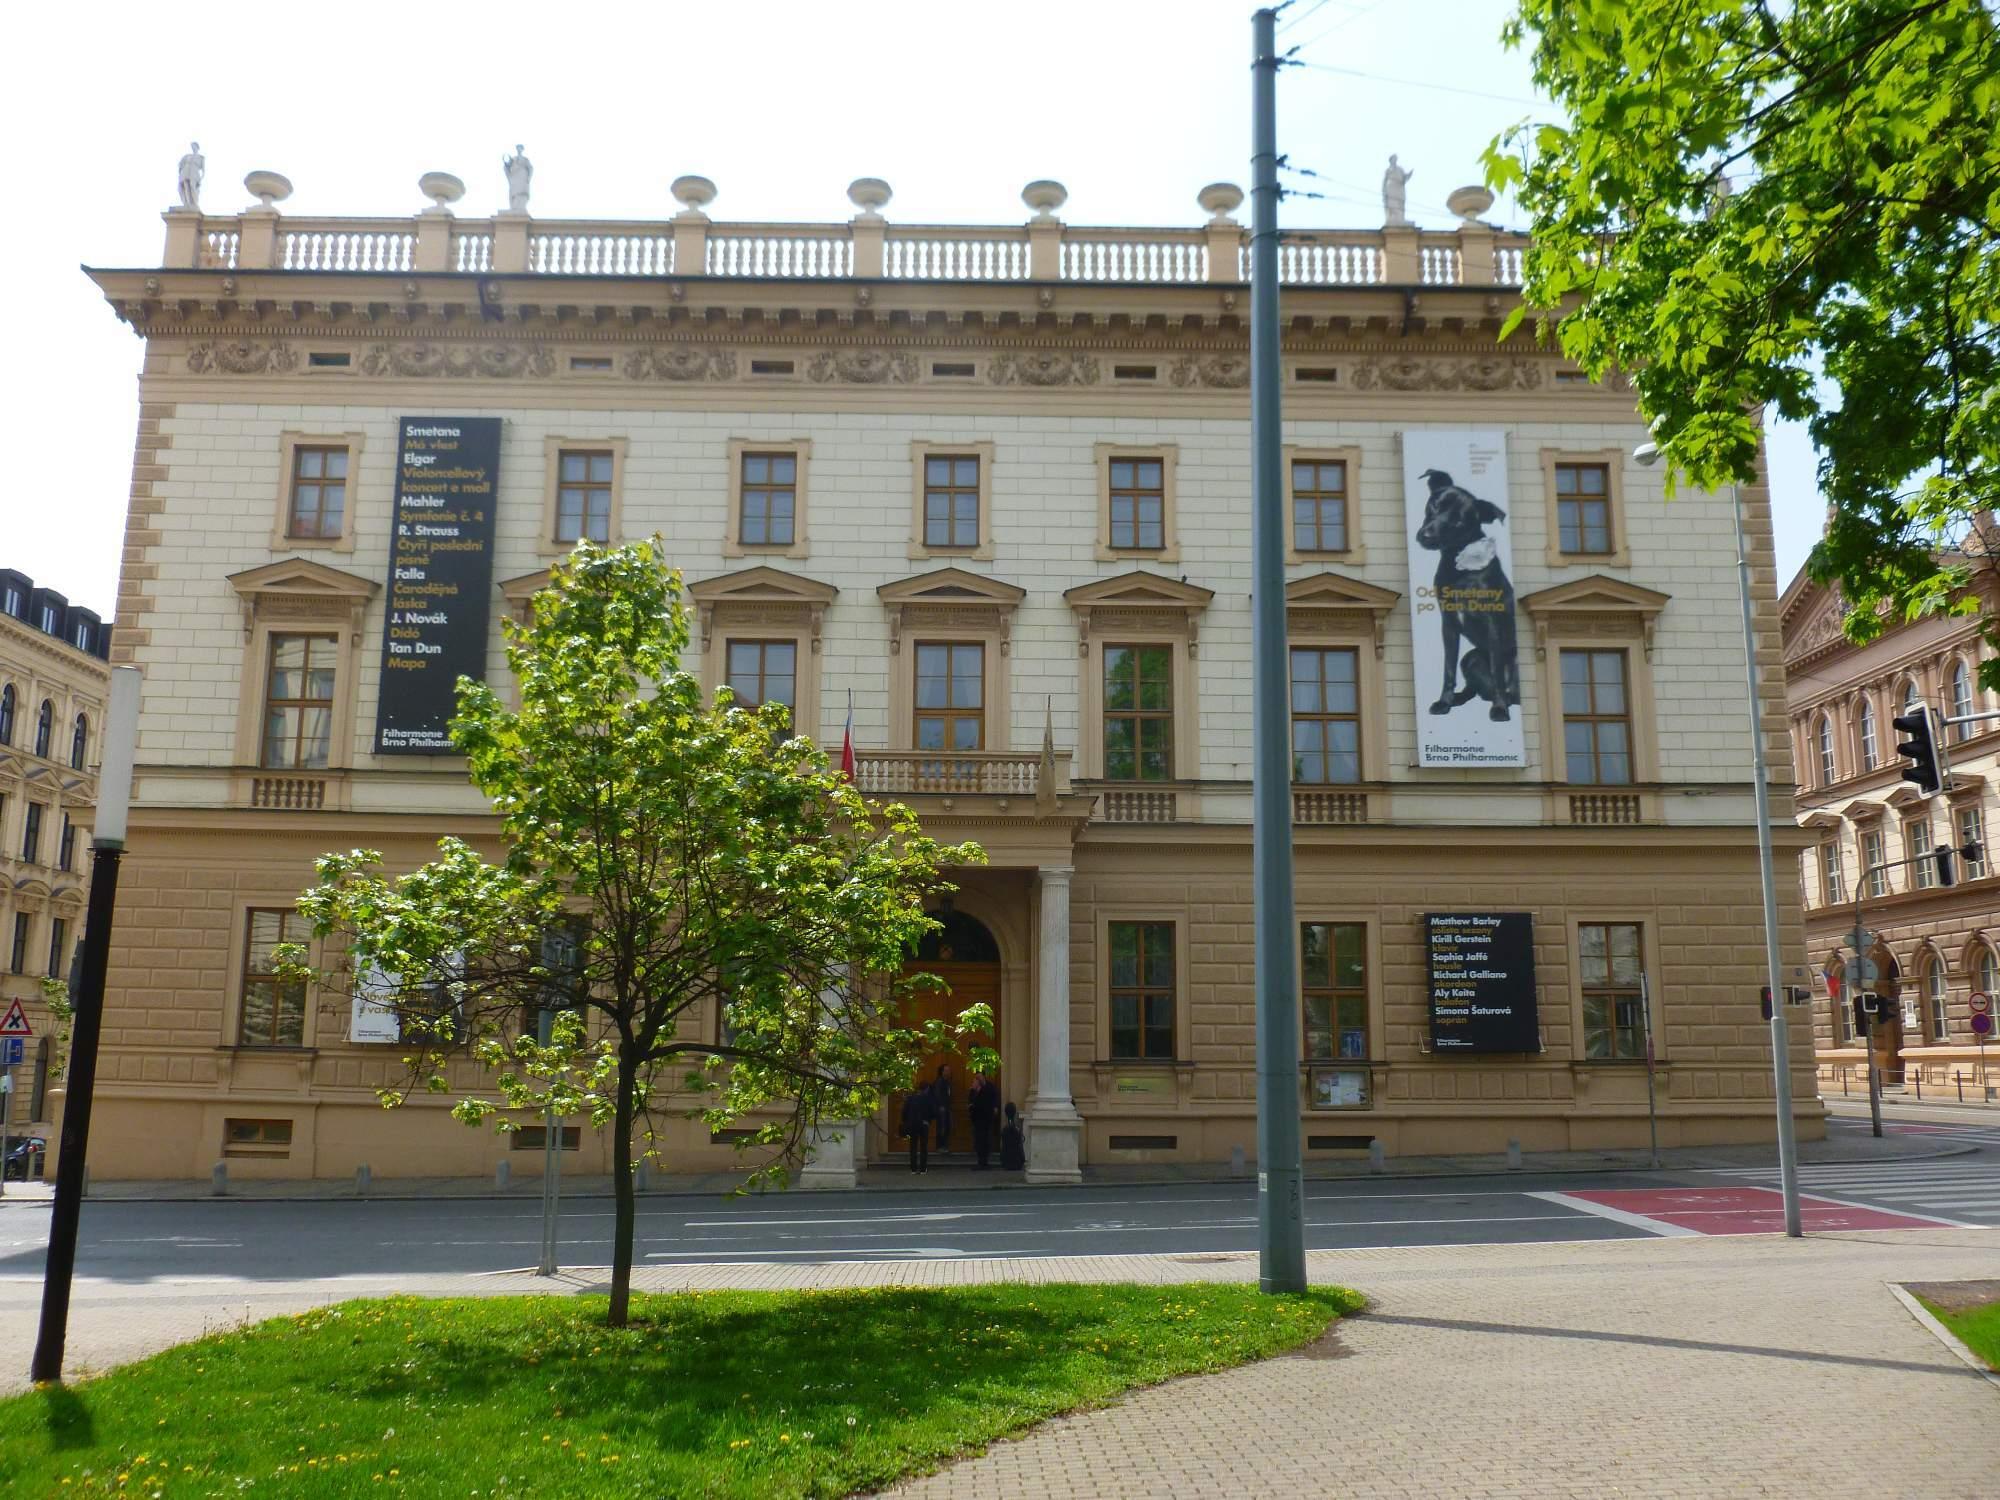 Další českou stavbu představuje Besední dům, který pro brněnské Čechy znamenal centrum kulturního života. Foto: Kristýna Hortvíková